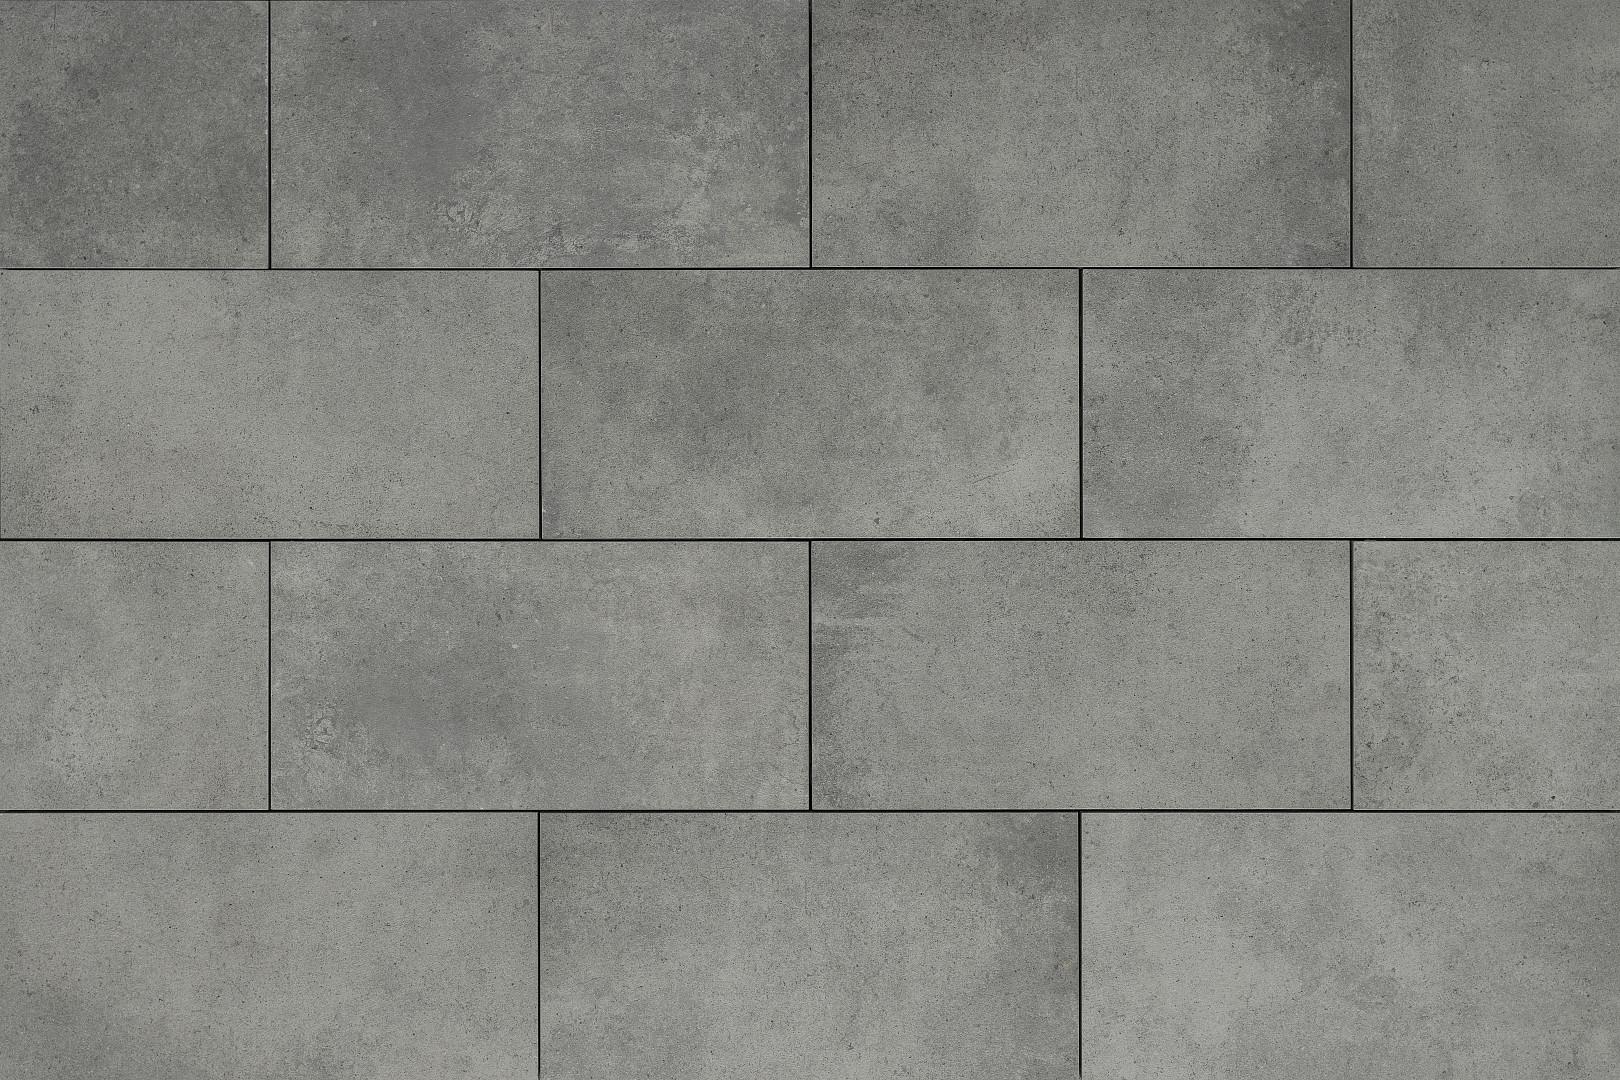 CERASUN Limestone Dark Grey 30x60x4